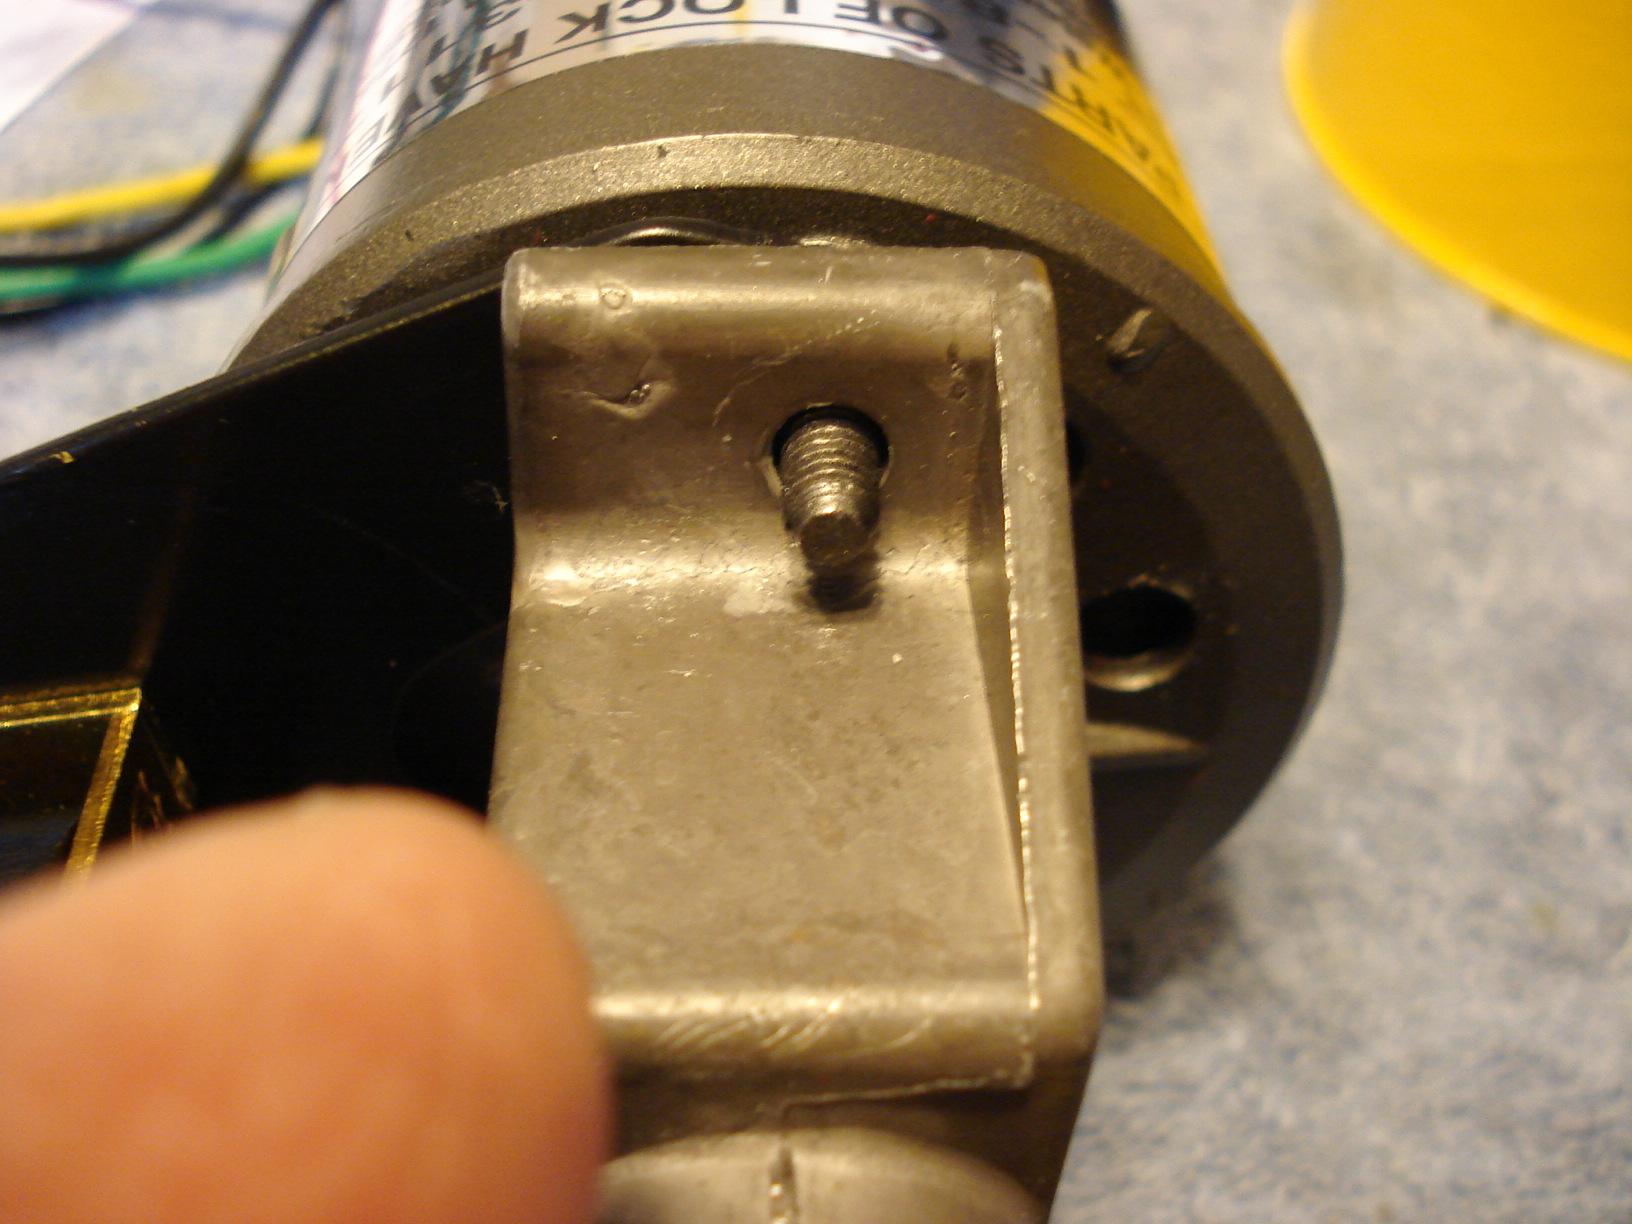 dukes-transmission-hole-offset